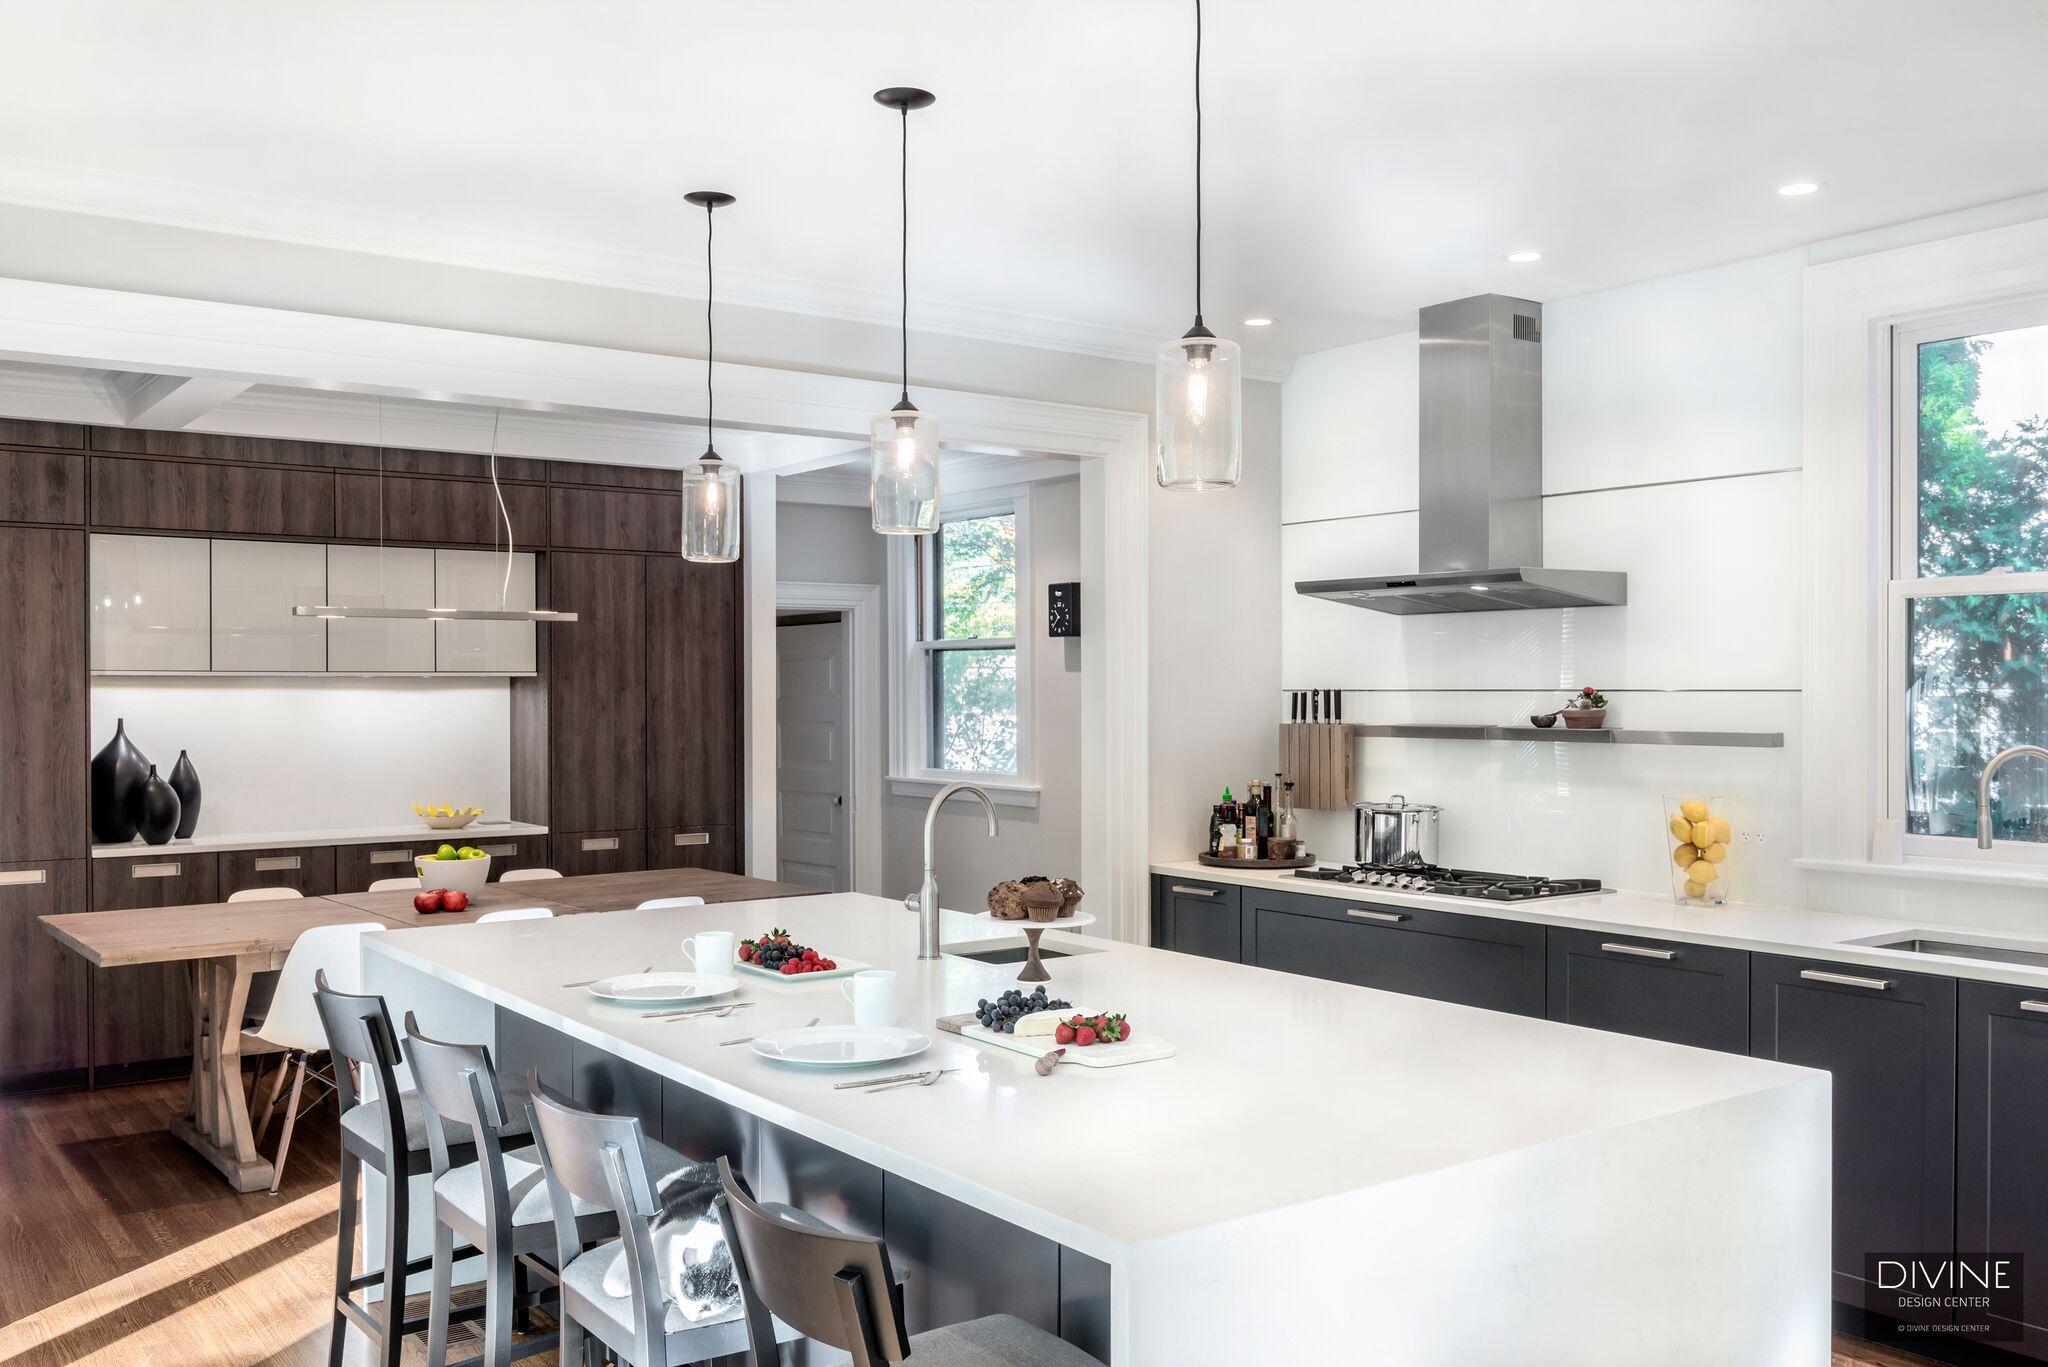 5 Boston Kitchen Designs You'll Love — Divine Design+Build